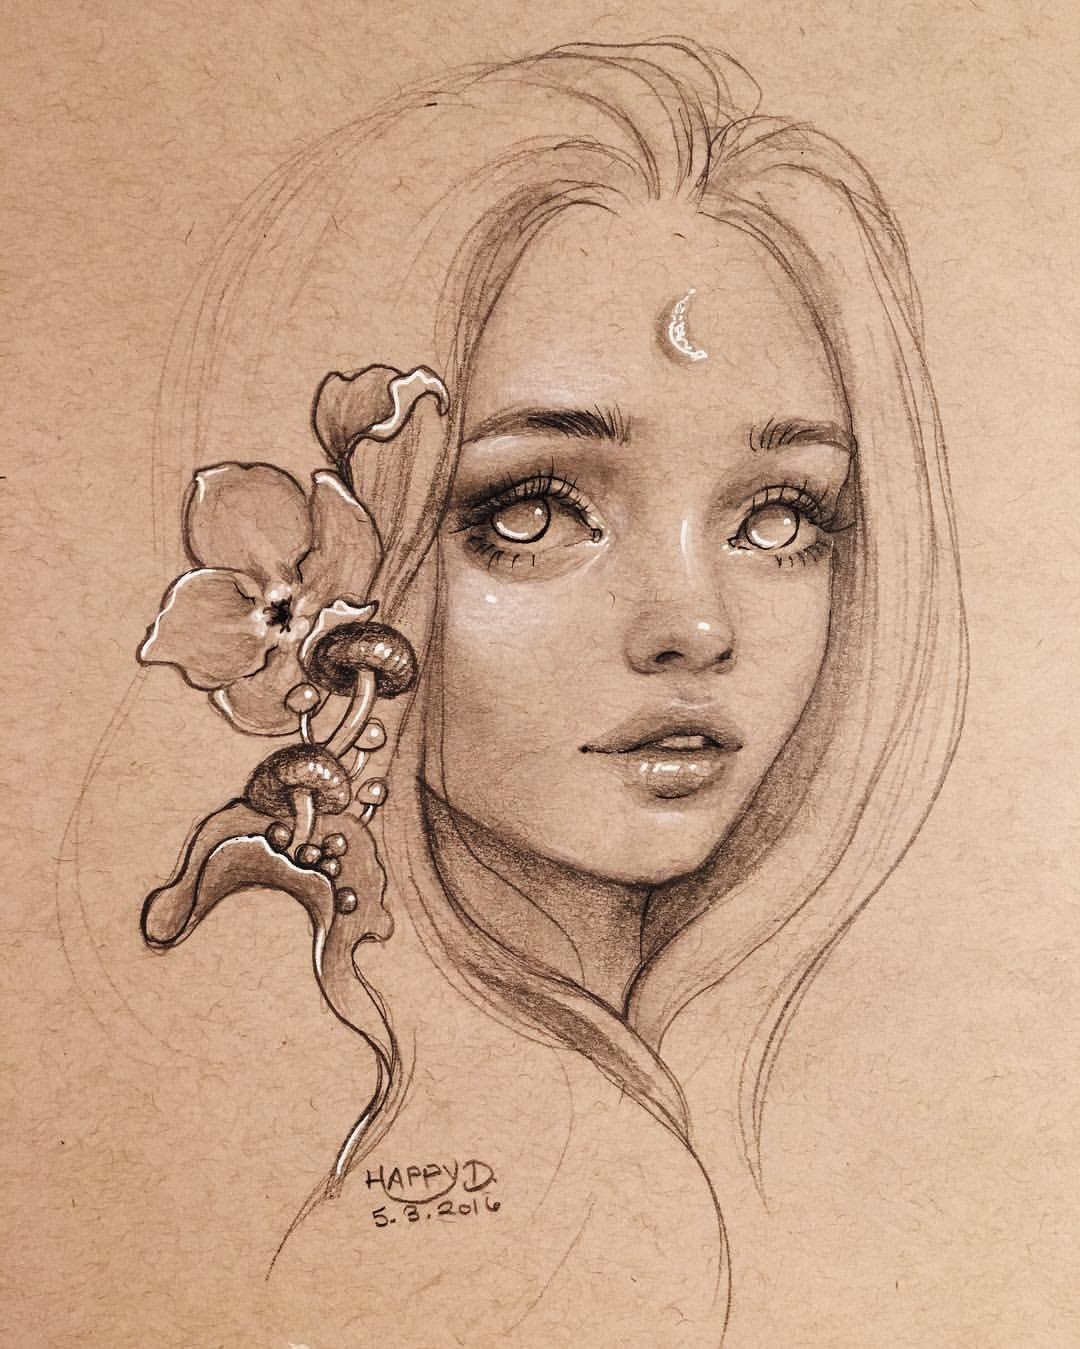 Pin By Abigail On HappyD. Artist